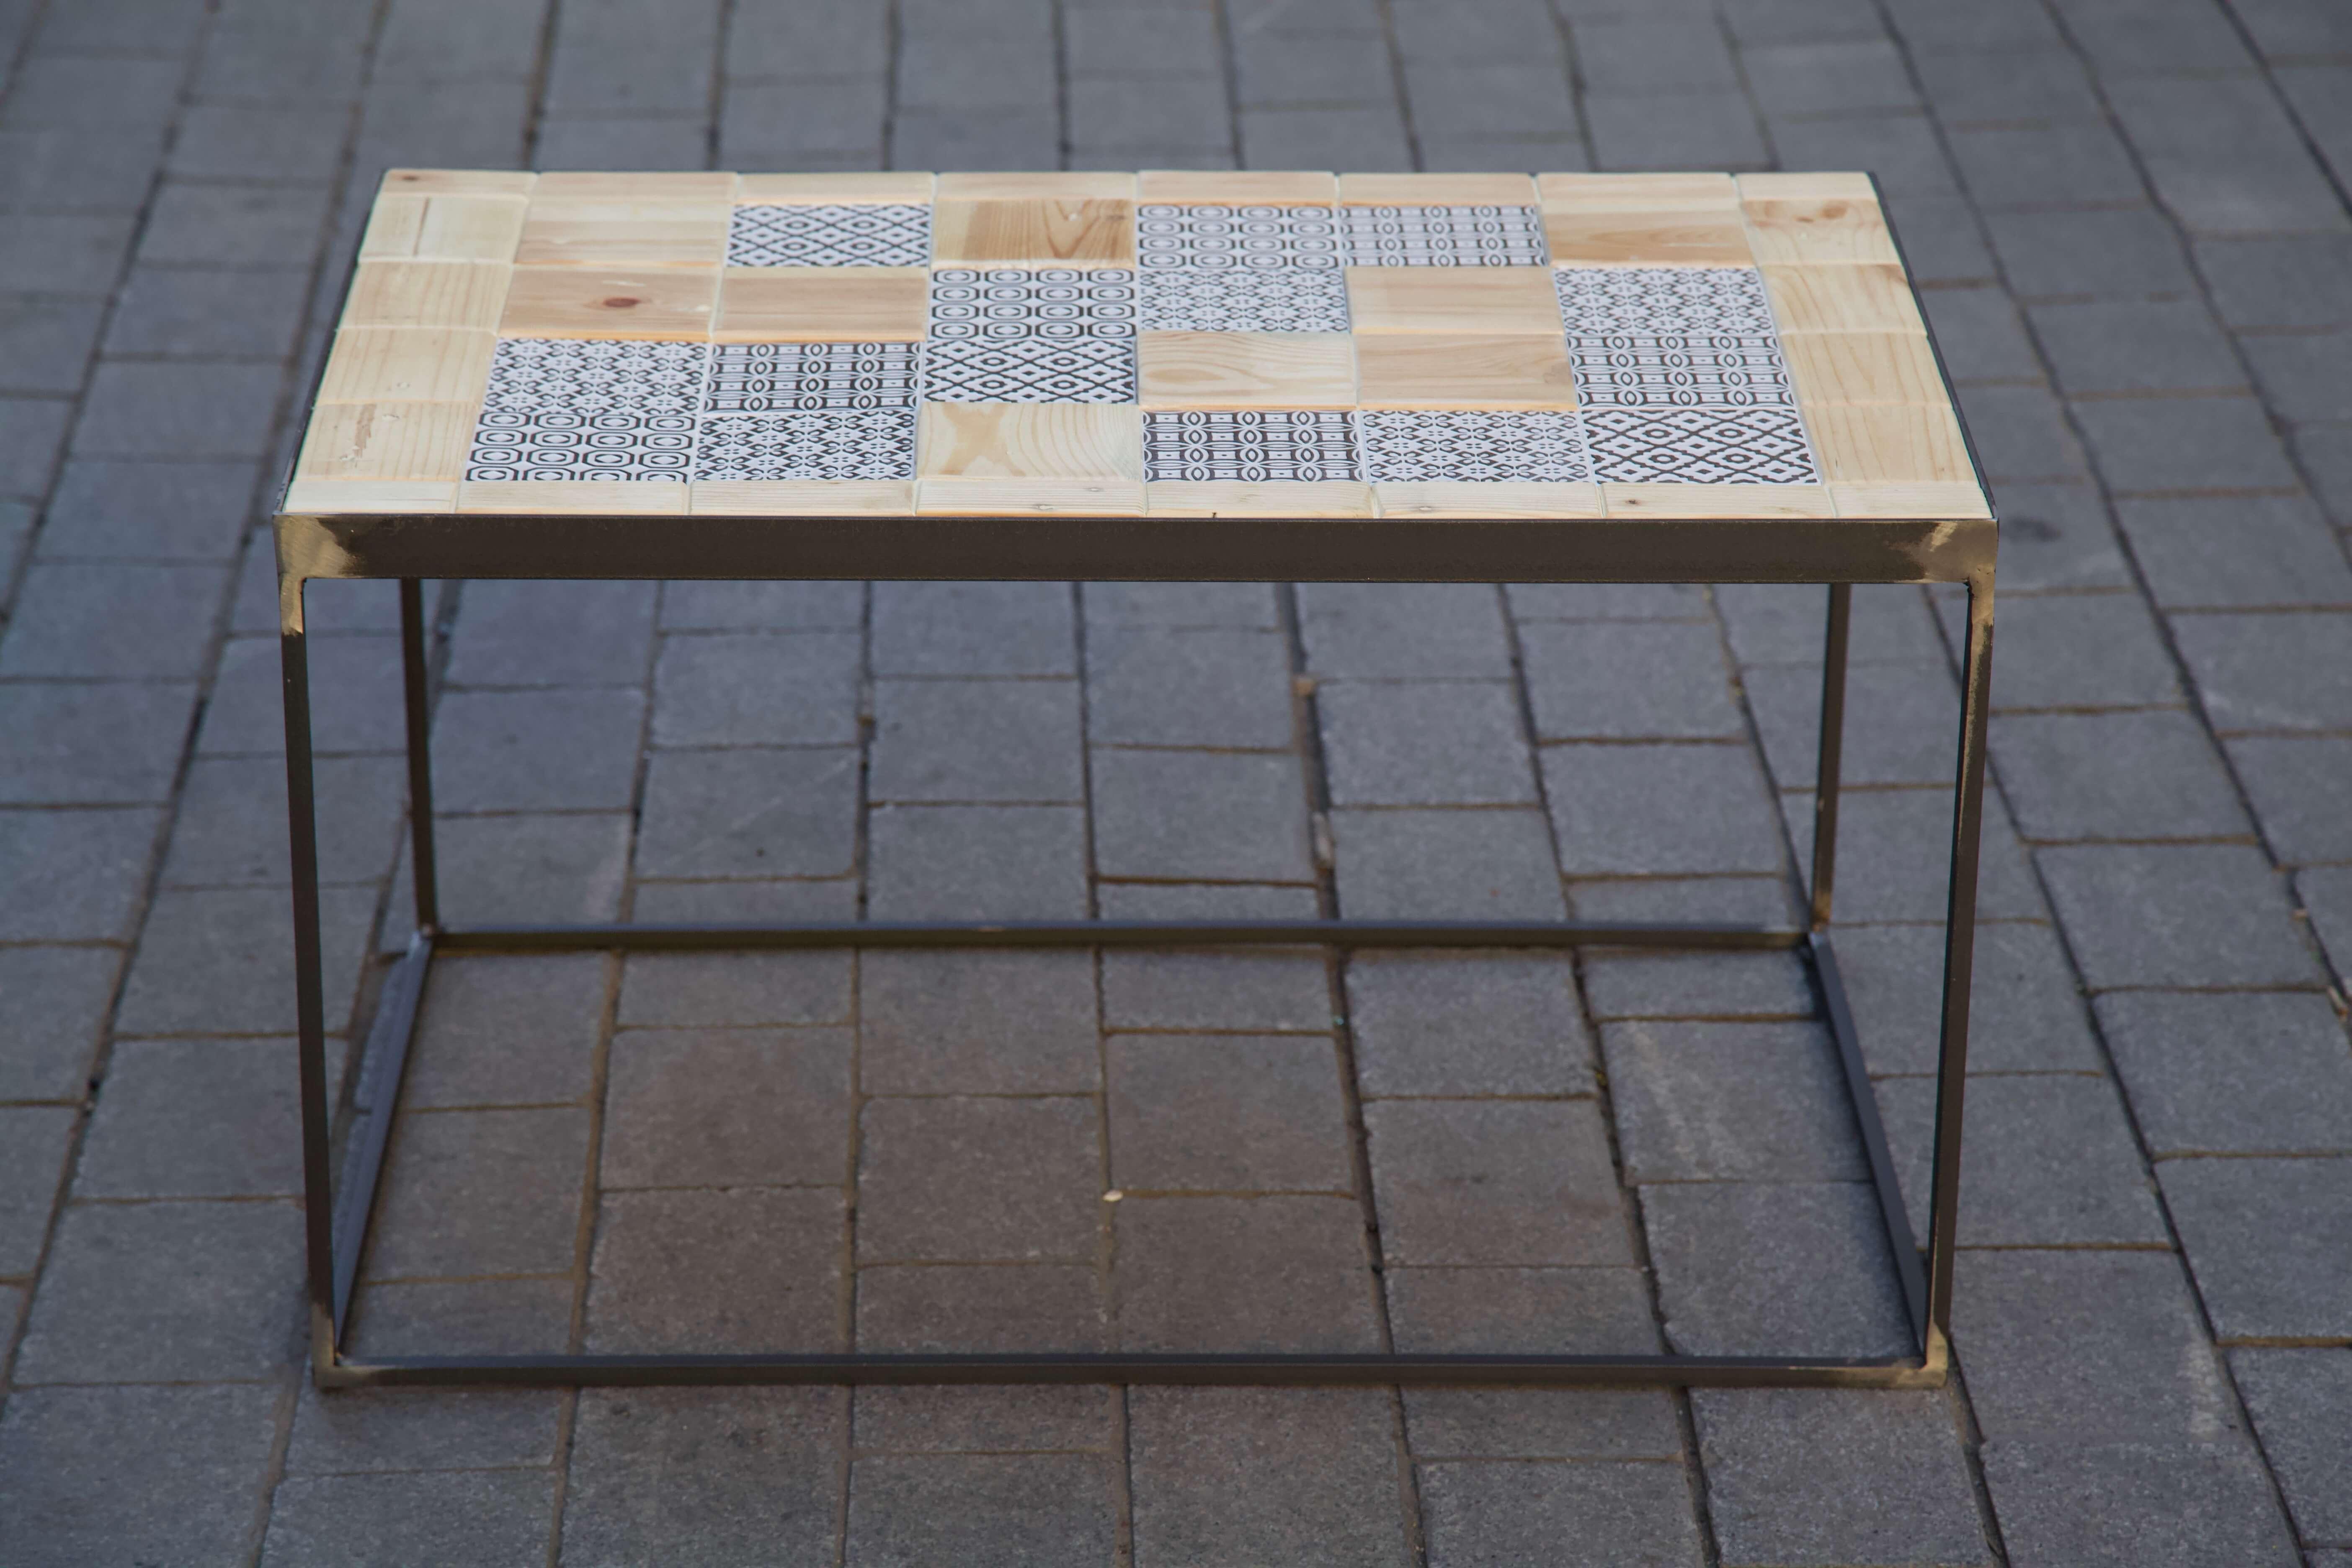 detalle lateral mesa hecha con baldosas pequeñas